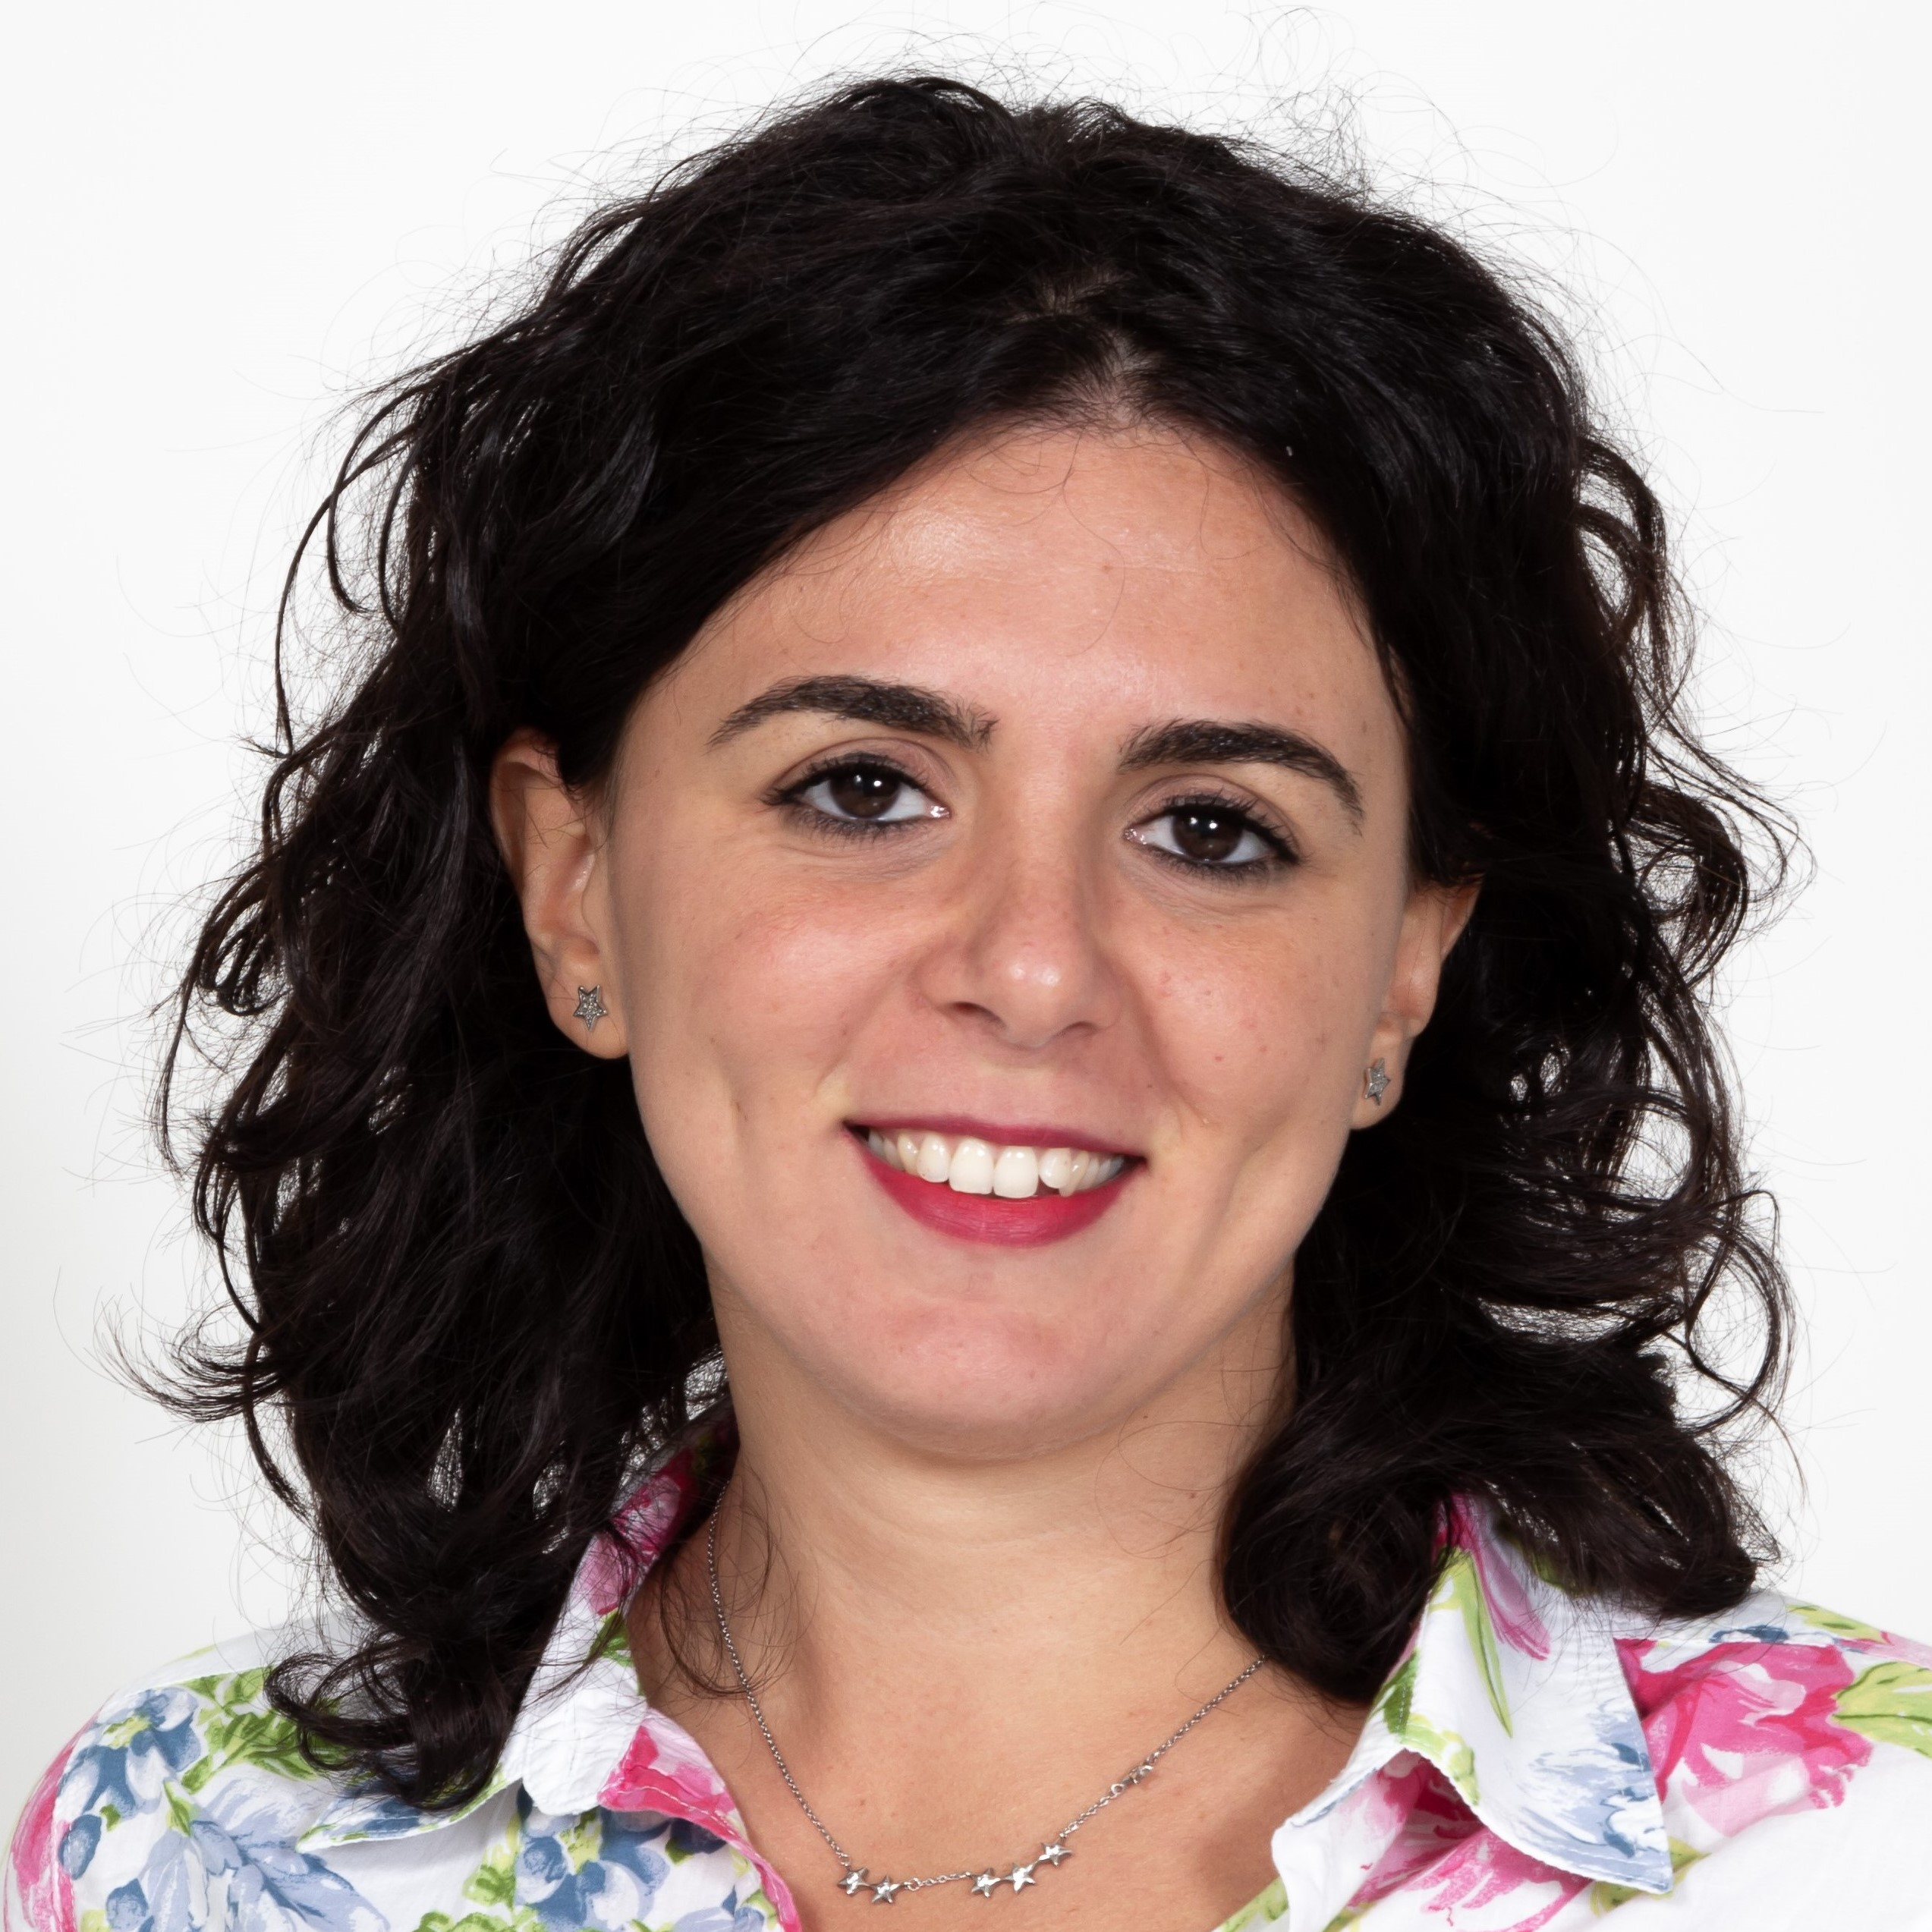 Anna Giugliano